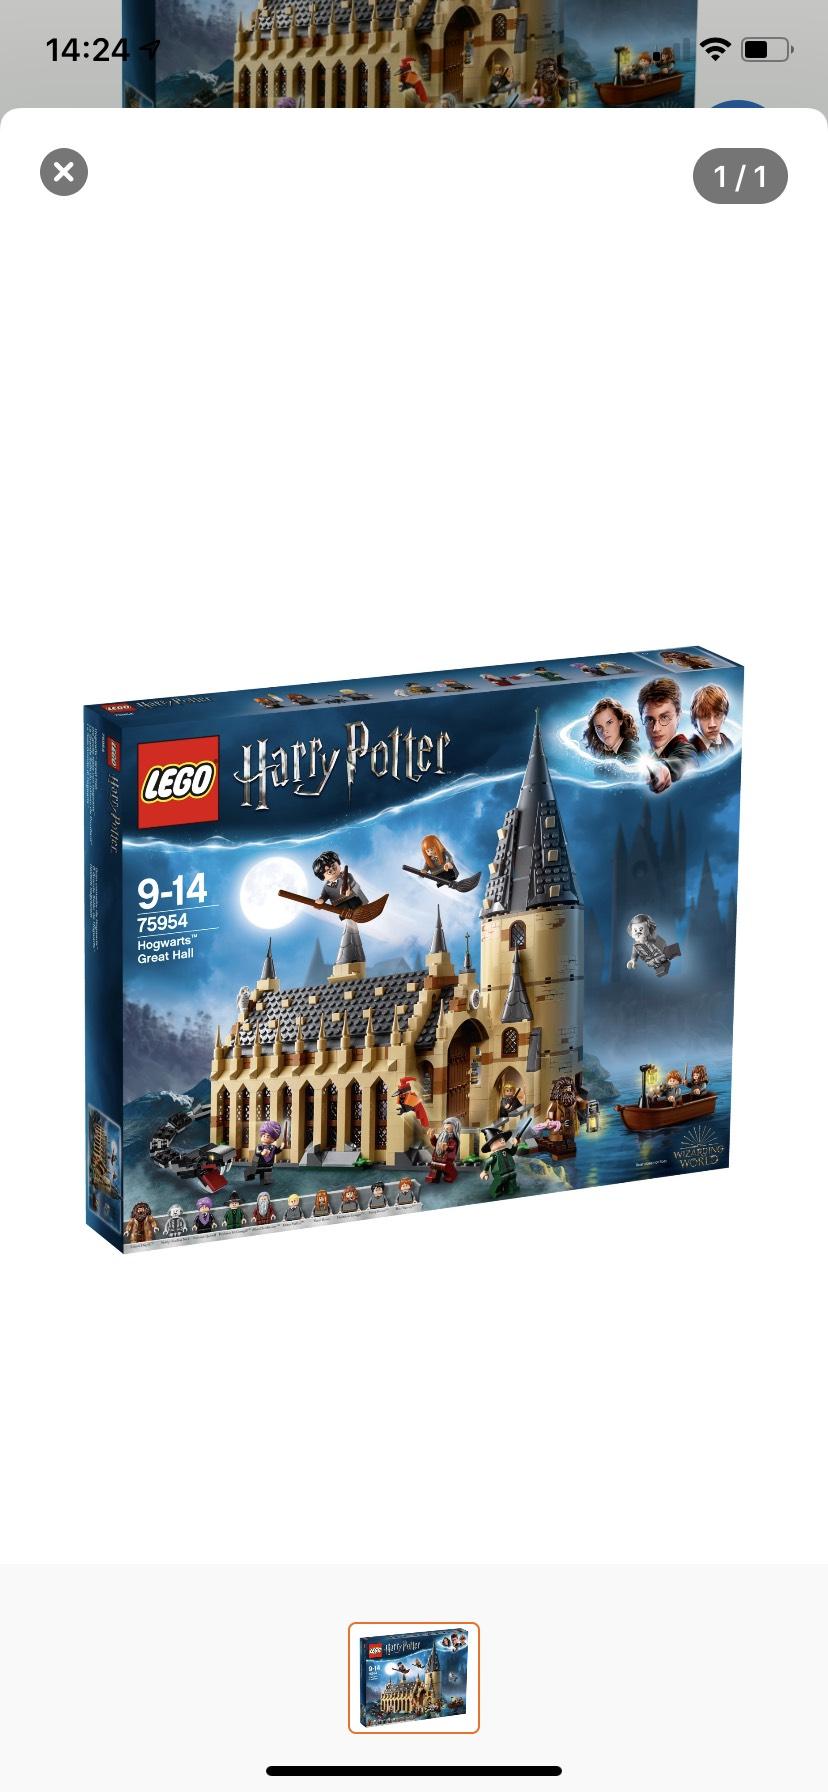 Lego 75954 Harry Potter - Die große Halle von Hogwarts